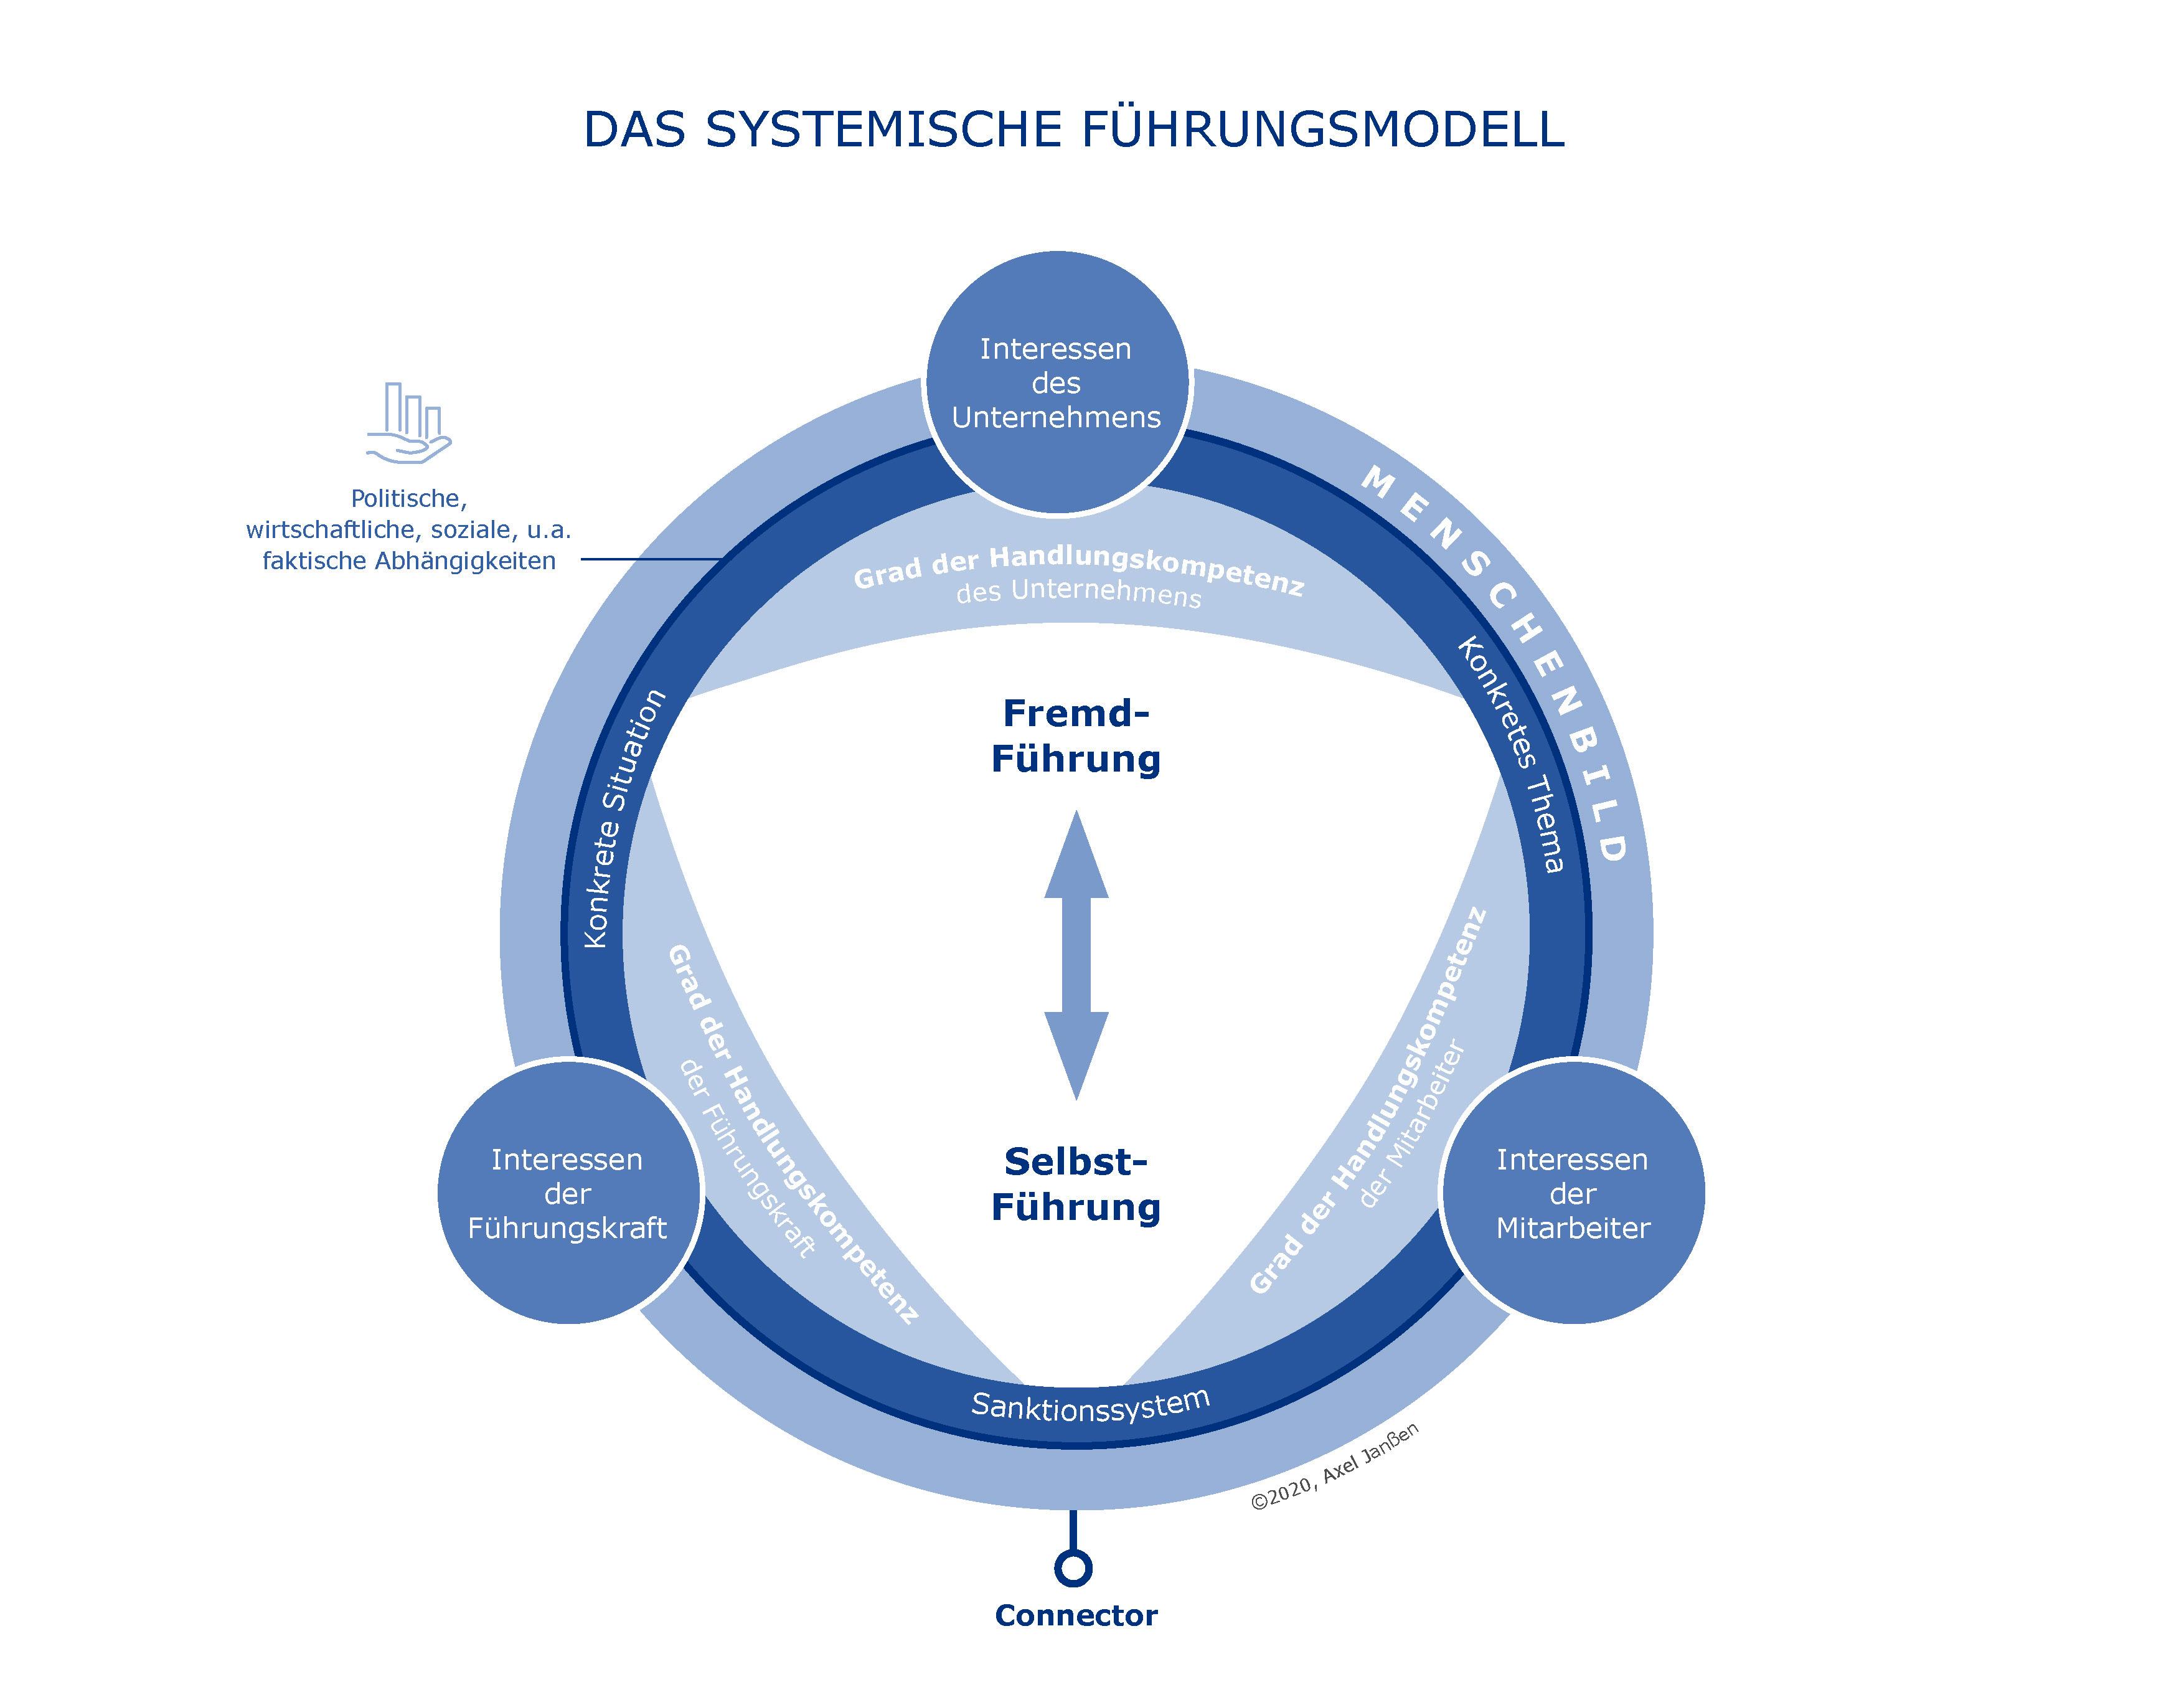 RZ_Systemisches_Fuehrungsmodell7